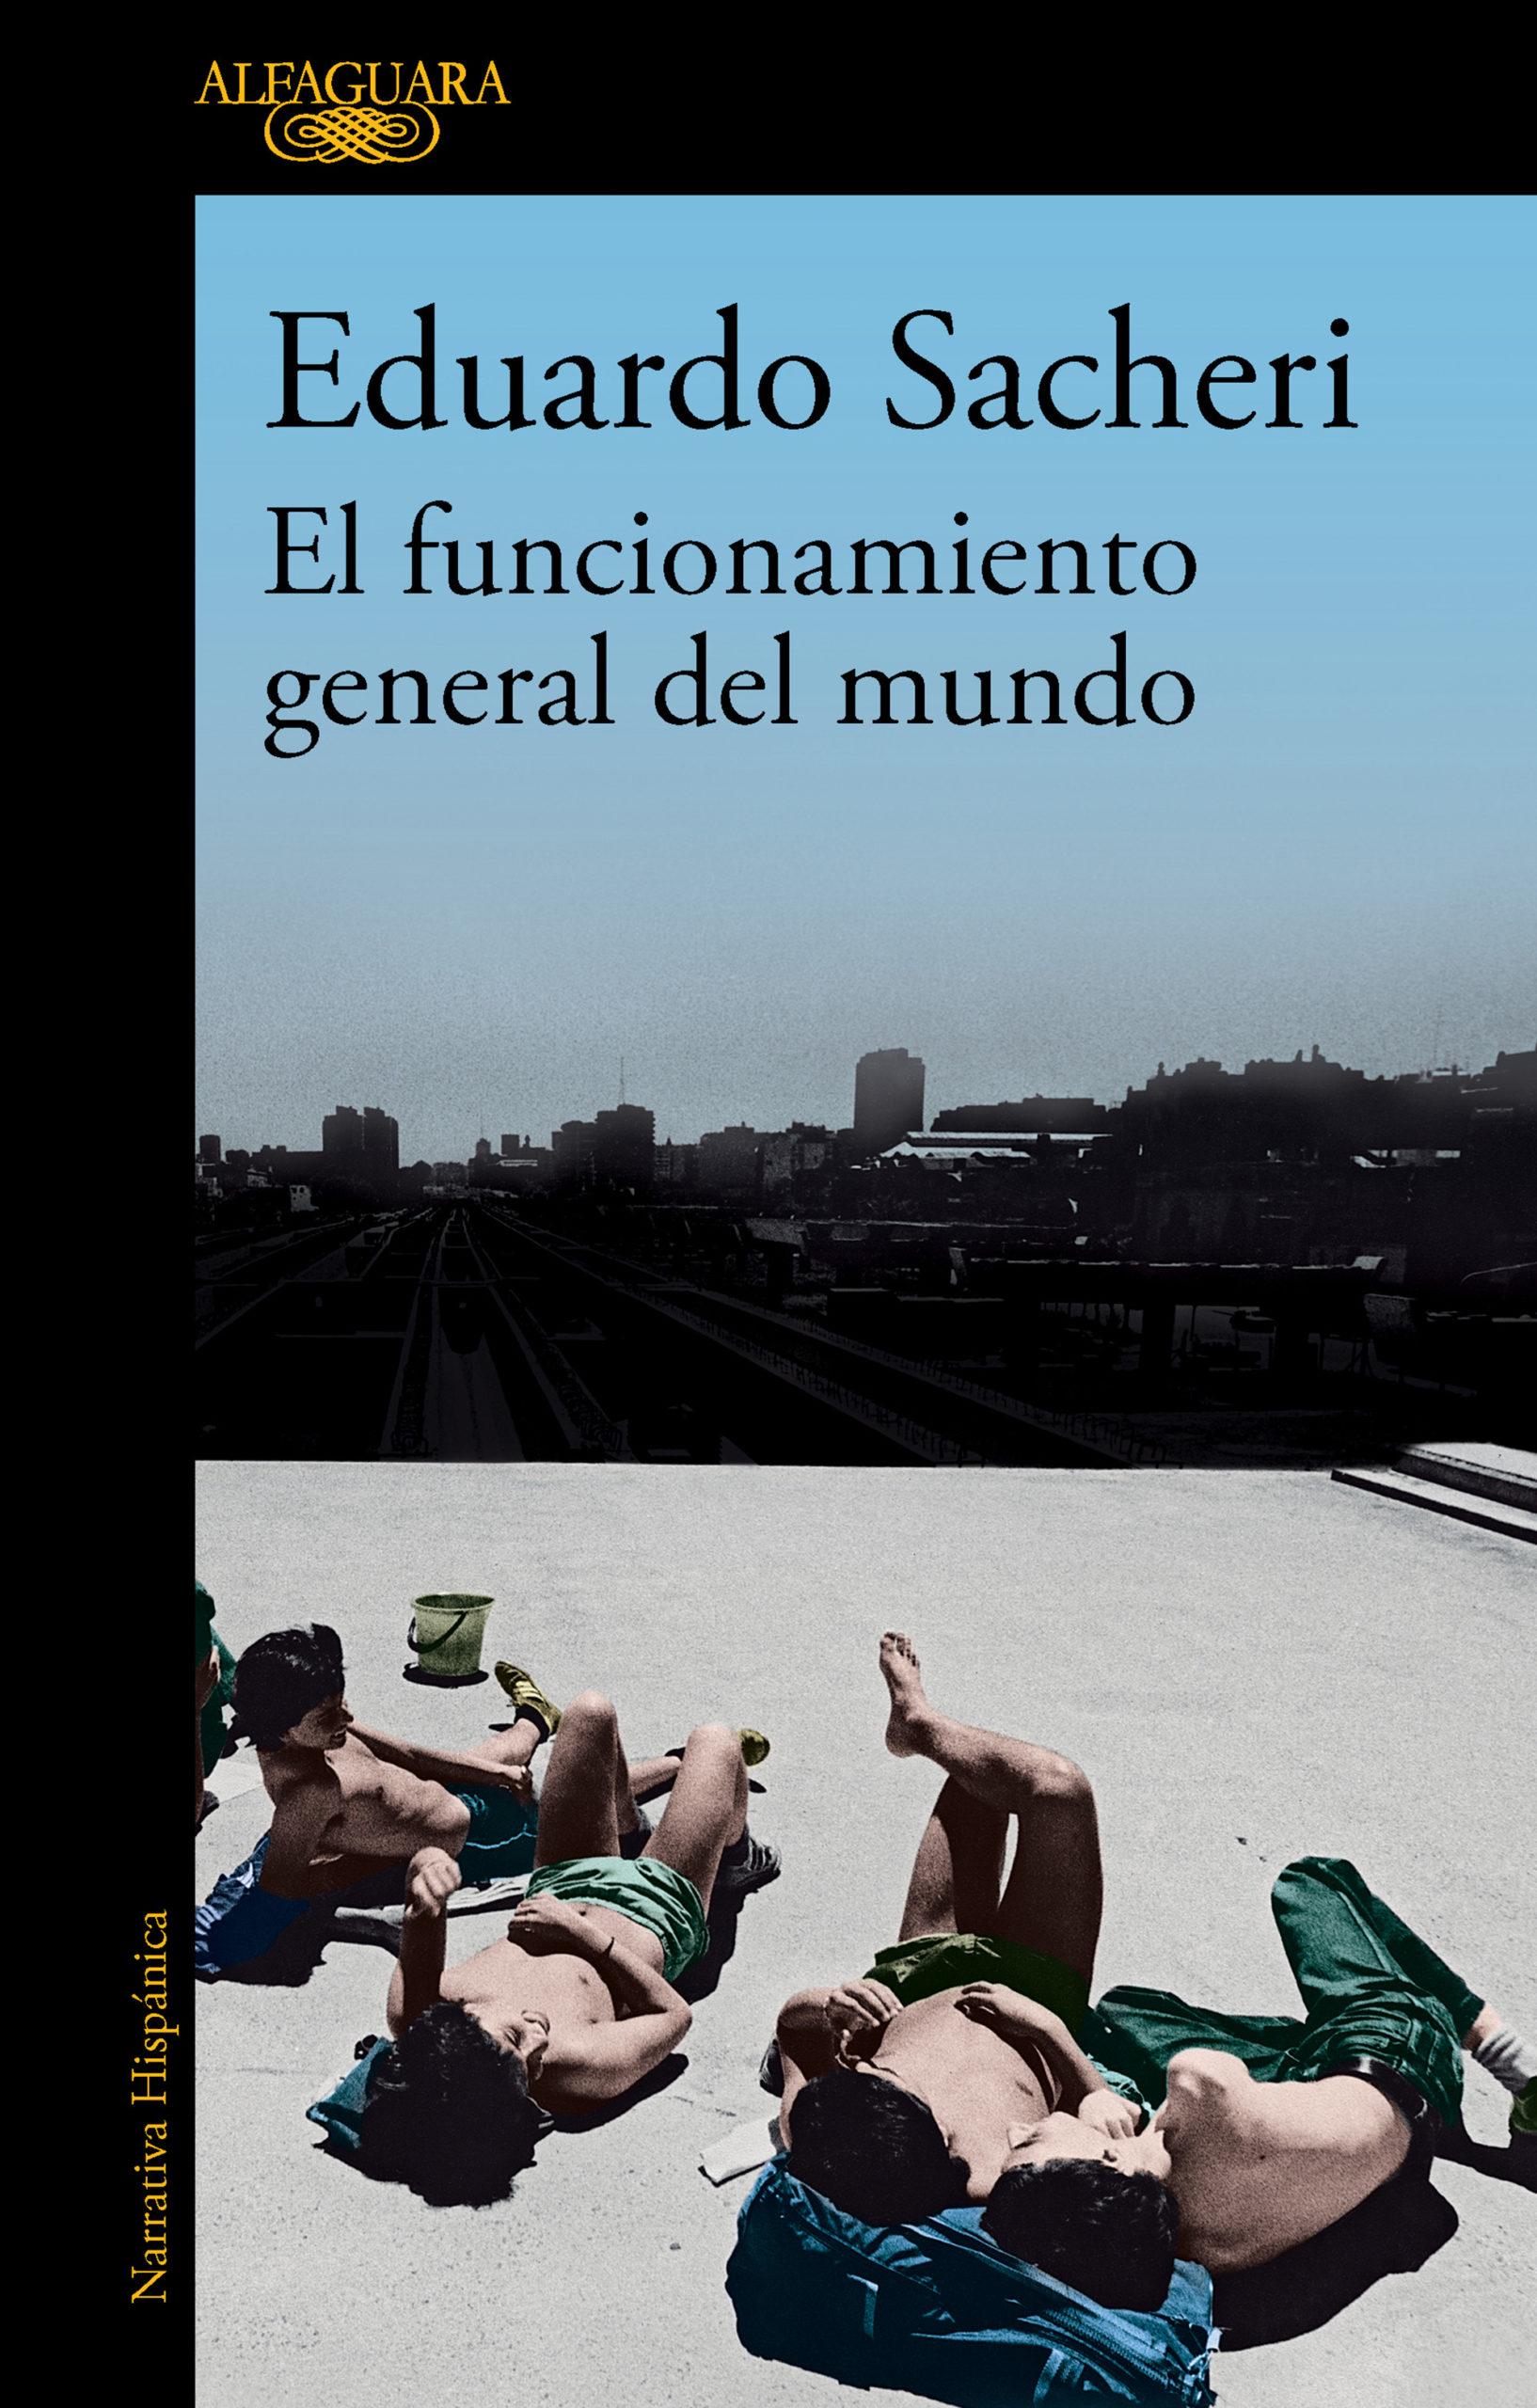 El Funcionamiento General del Mundo - Eduardo Sacheri